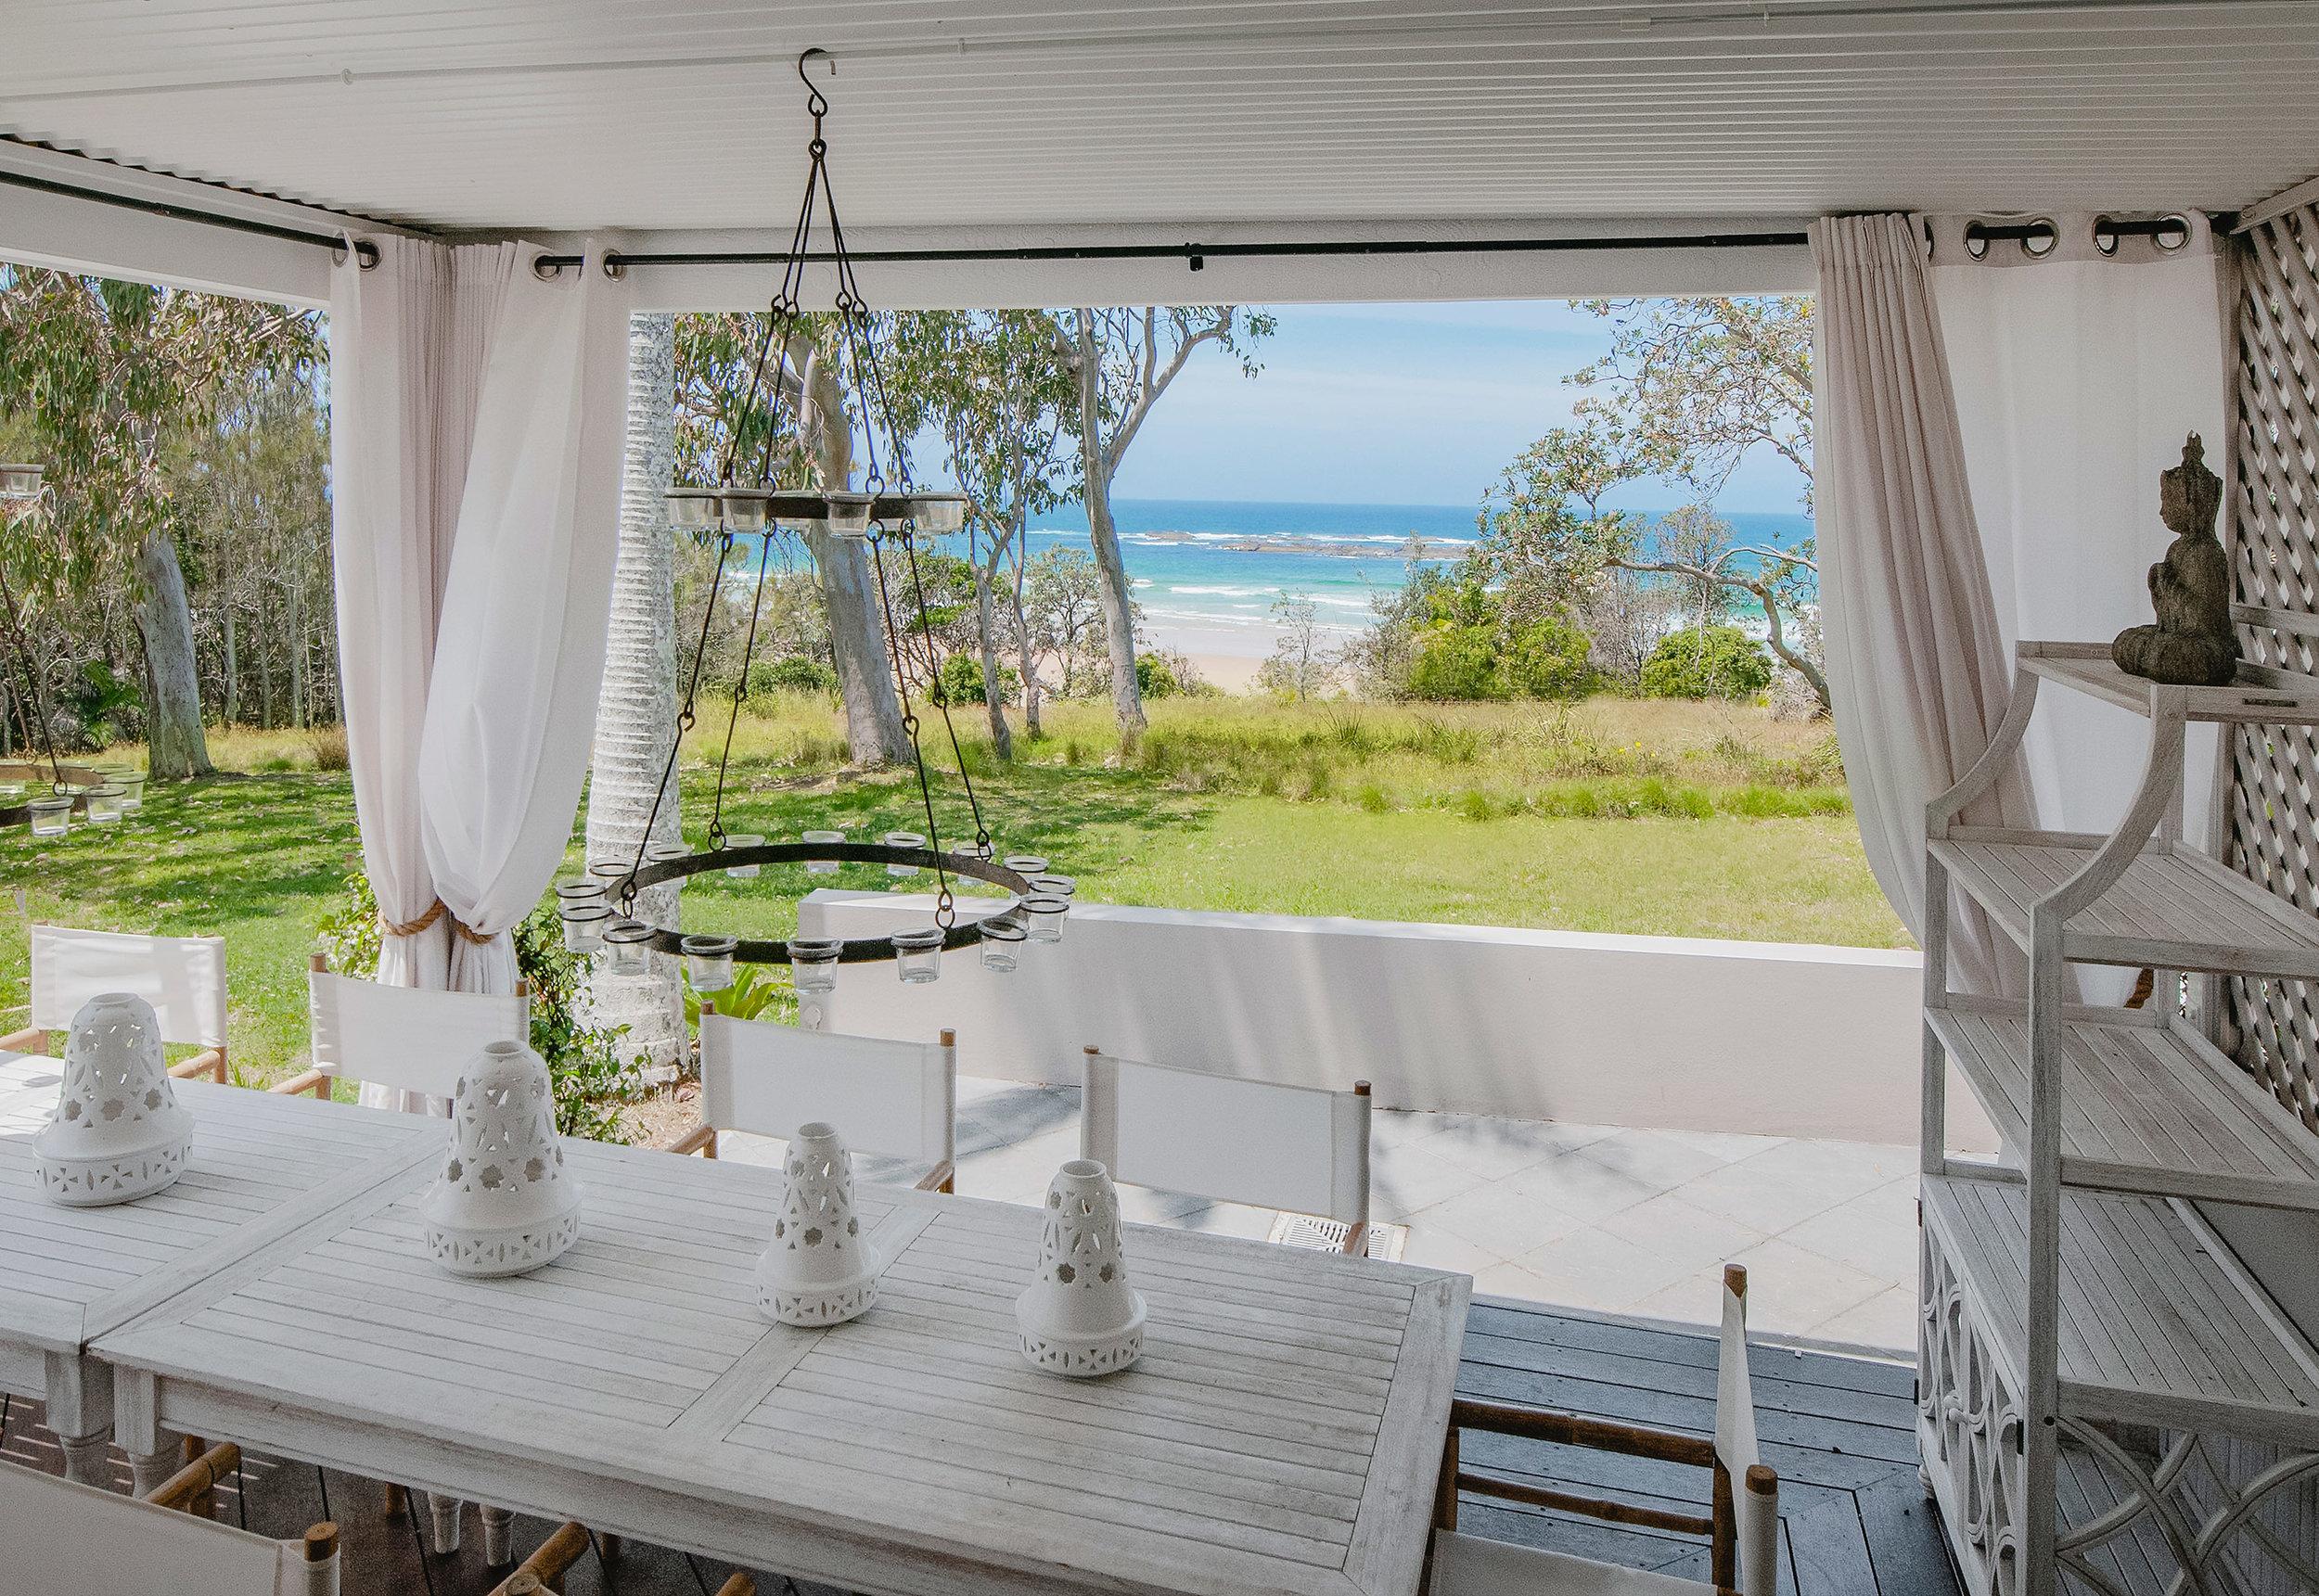 Barellen-2d-Beach-Side-Deck---Outdoor-Dining-2018-11-05-12.01.00.jpg